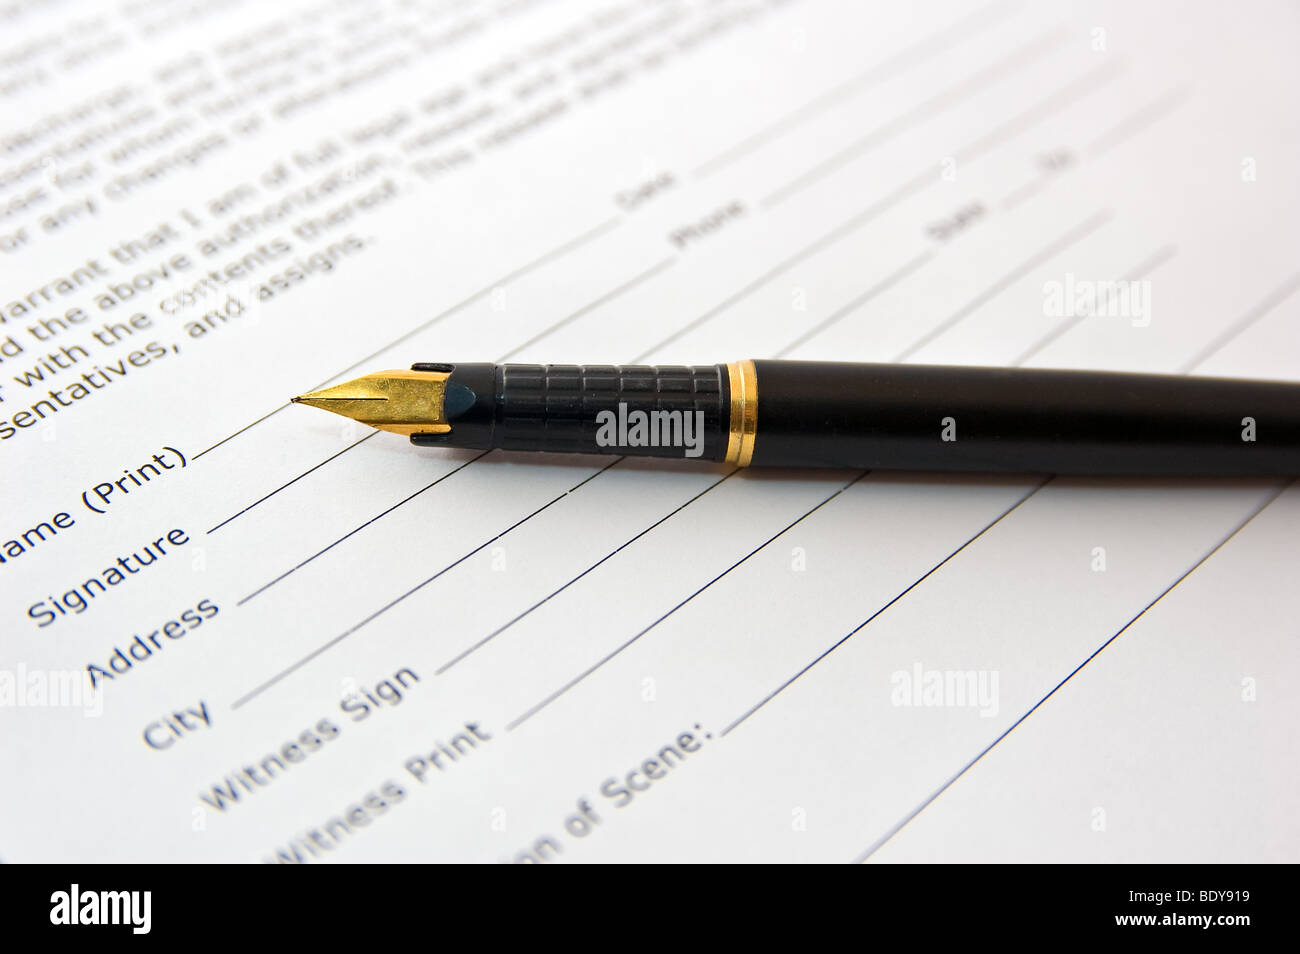 Penna su carta di accordo concetto aziendale Immagini Stock